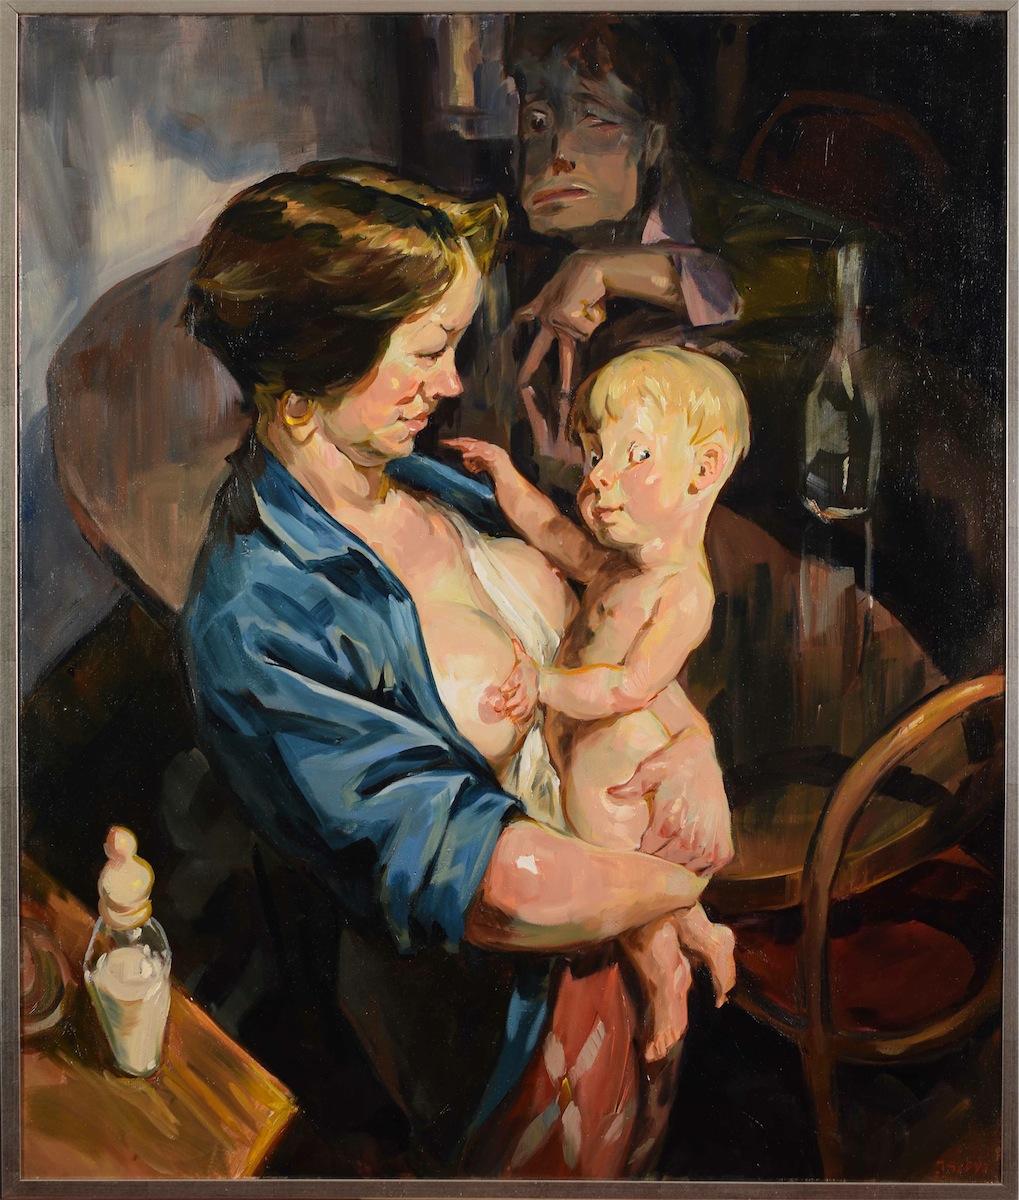 Macierzyństwo (Edypek), 2006